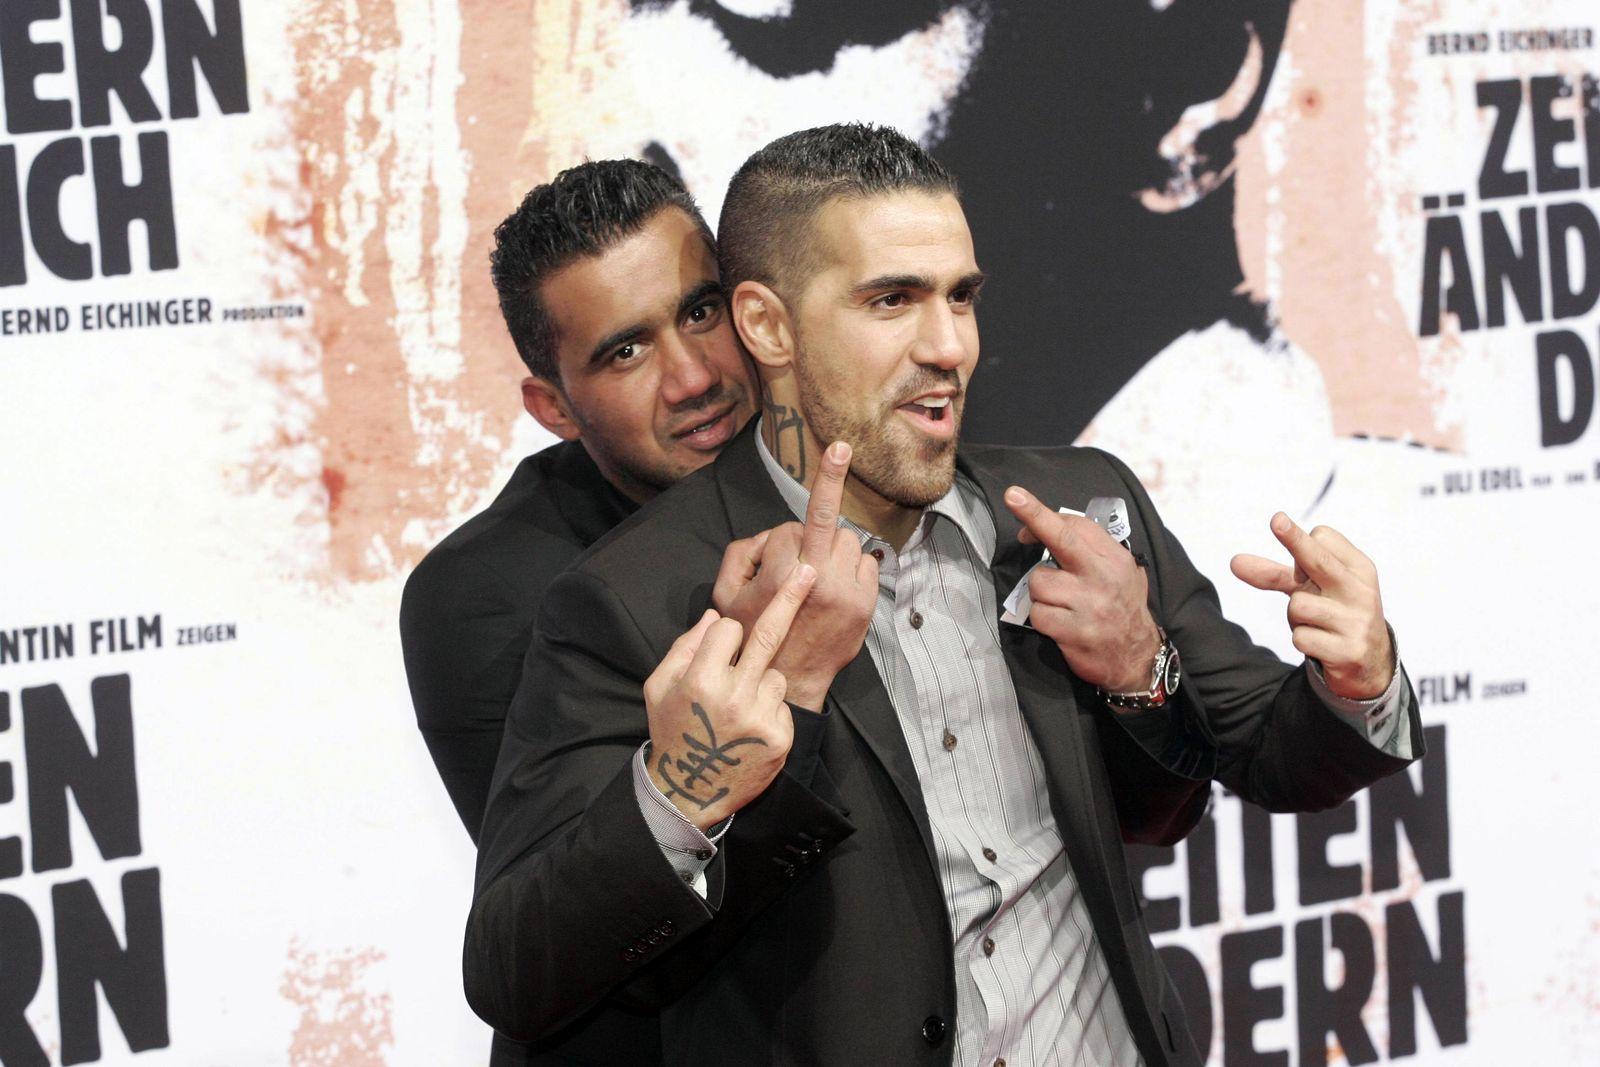 Zeiten Aendern Dich Premiere Berlin Arafat Abou Chaker and Bushido attending premiere